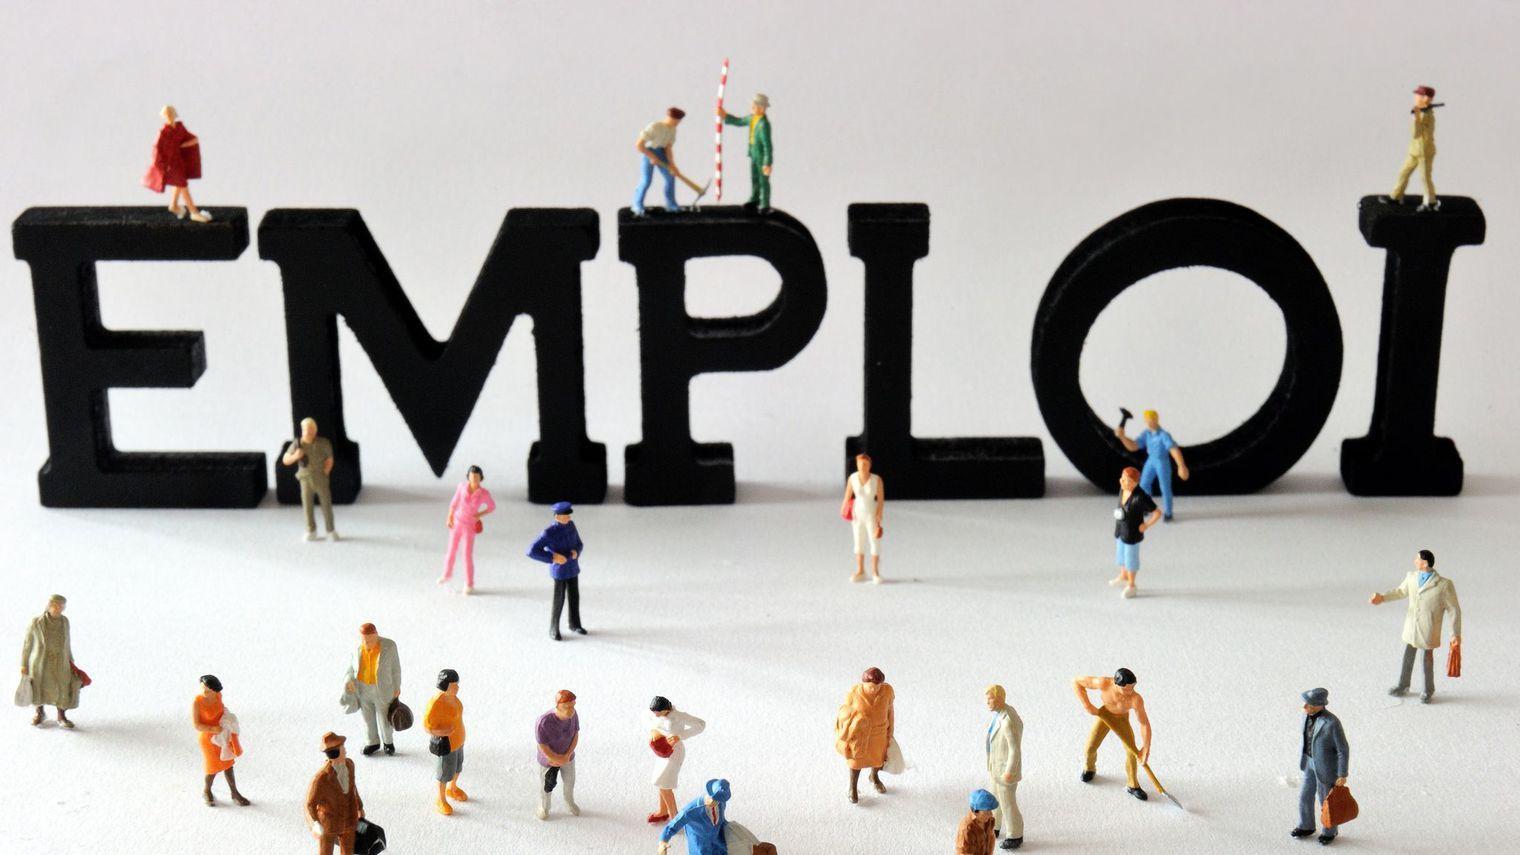 #EMPLOI - Normandie : 200 postes d'alternants à pourvoir dans les Banques !